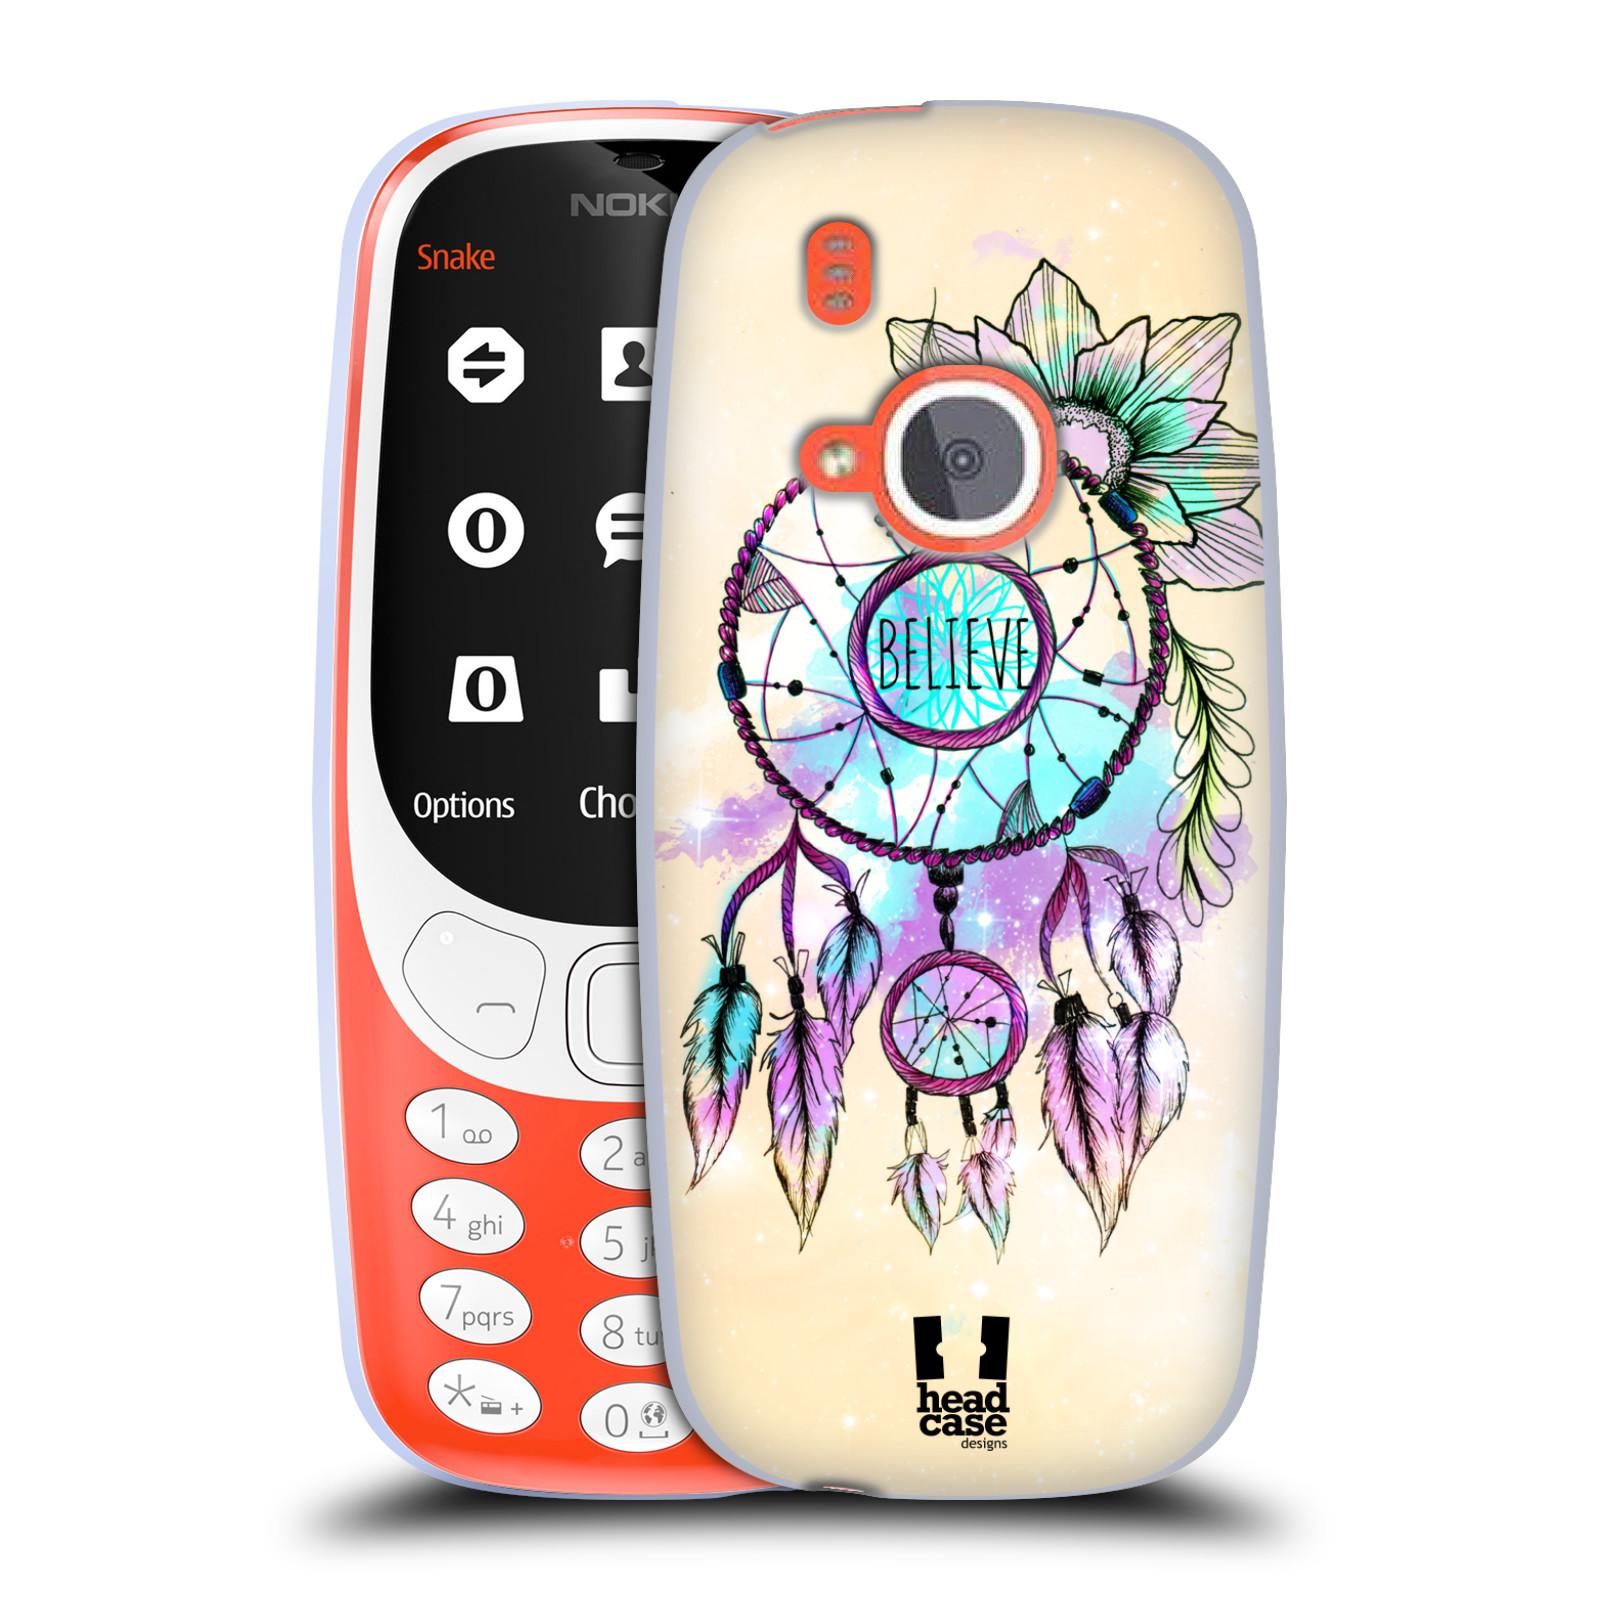 Silikonové pouzdro na mobil Nokia 3310 - Head Case - MIX BELIEVE